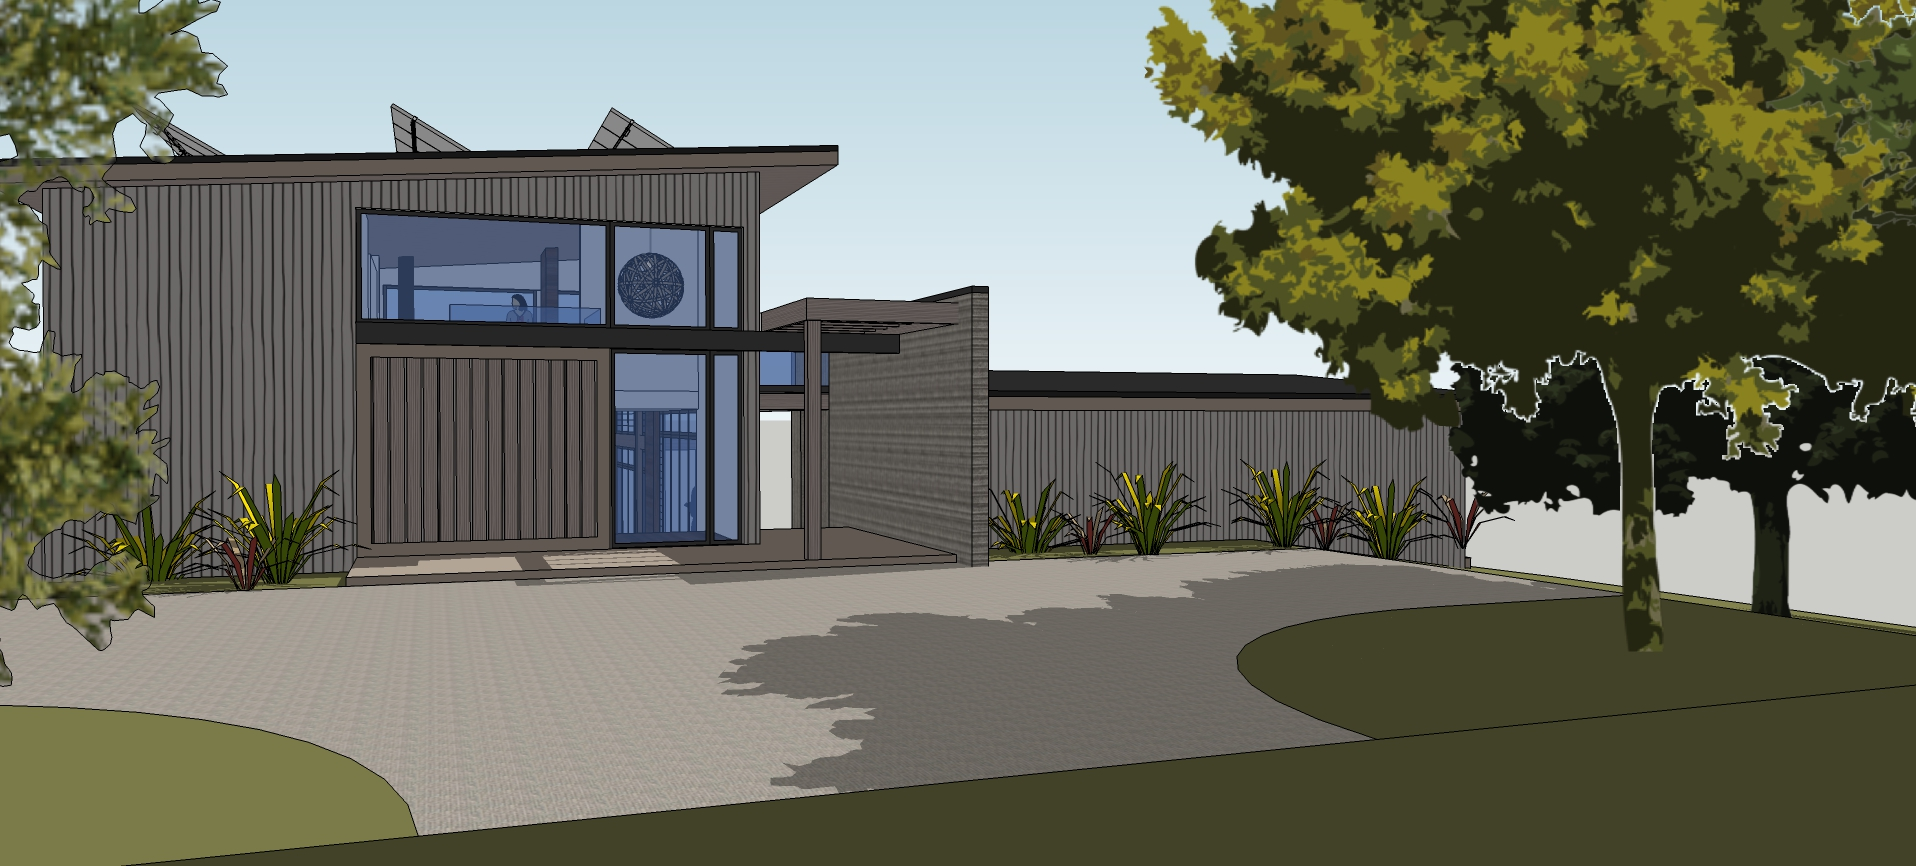 Solar-House-Concept-2.jpg